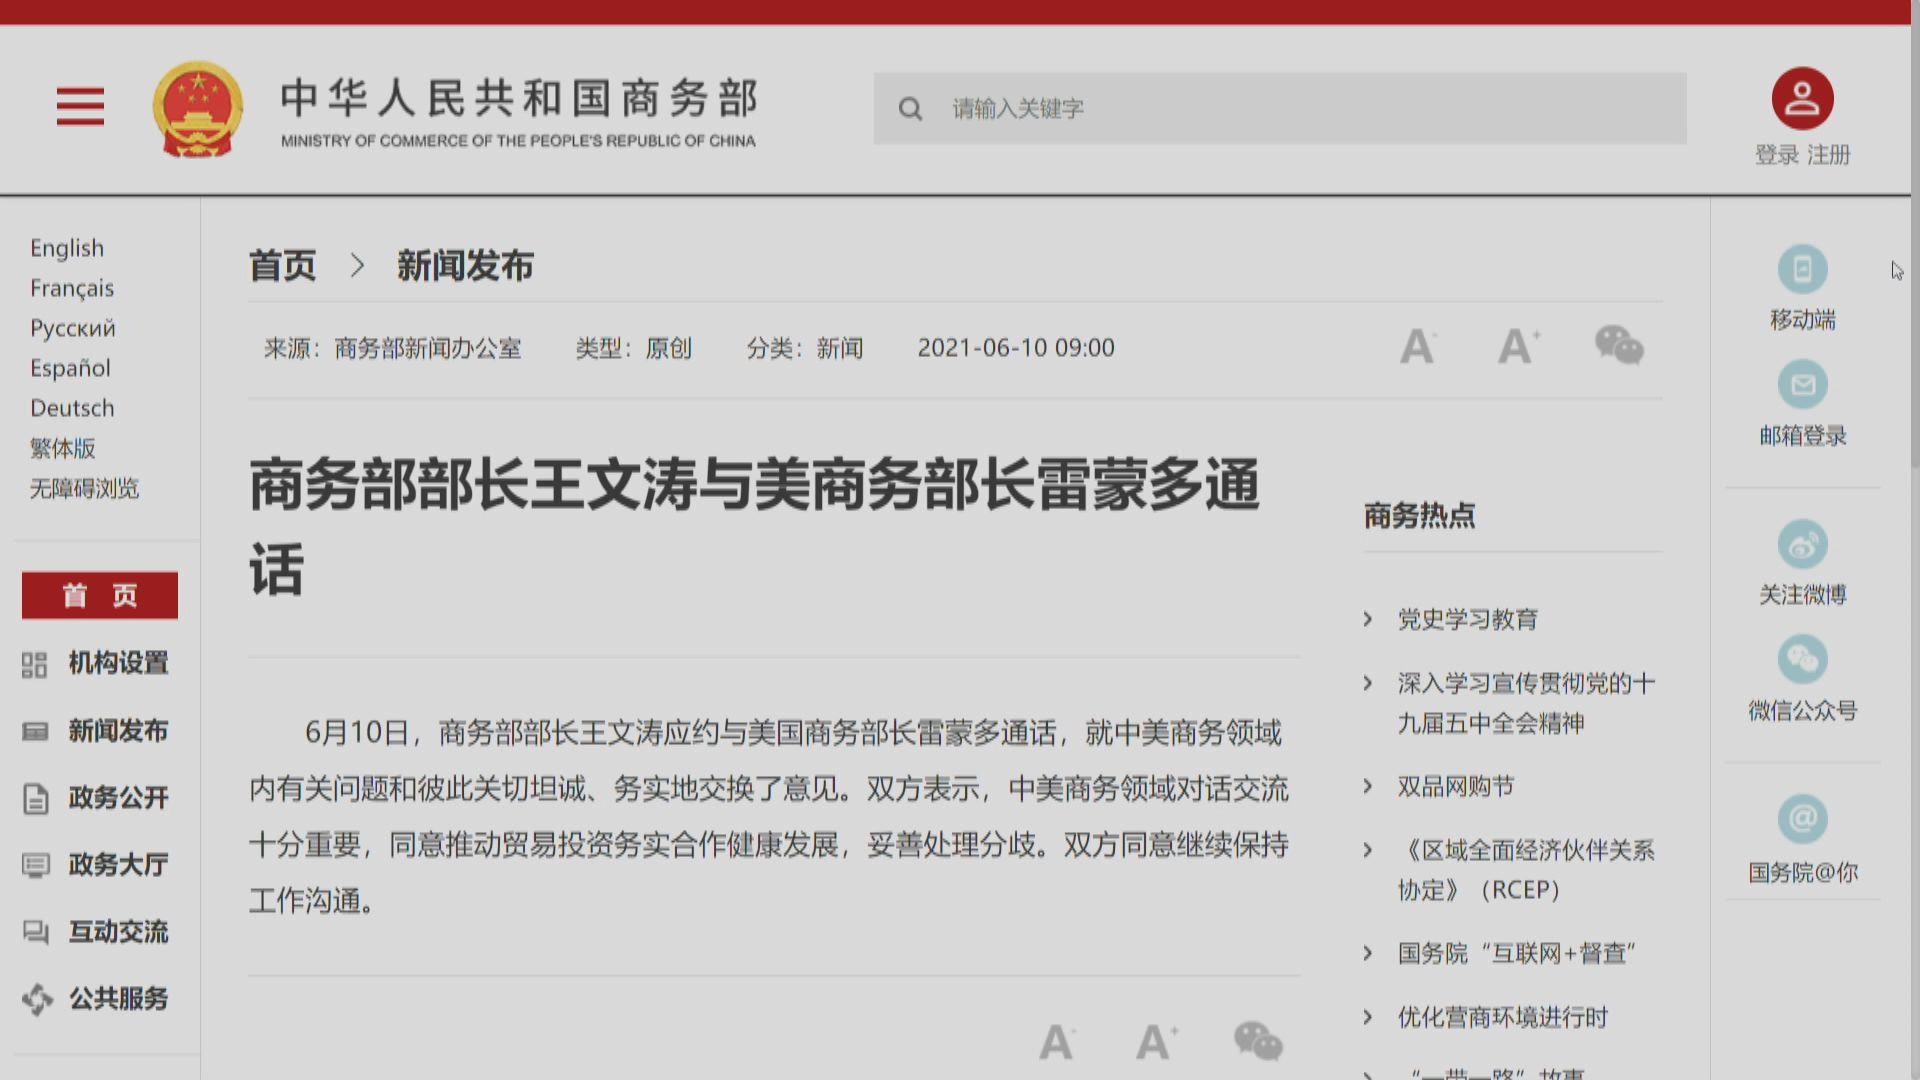 中美商務部長通話 雙方同意繼續保持工作溝通